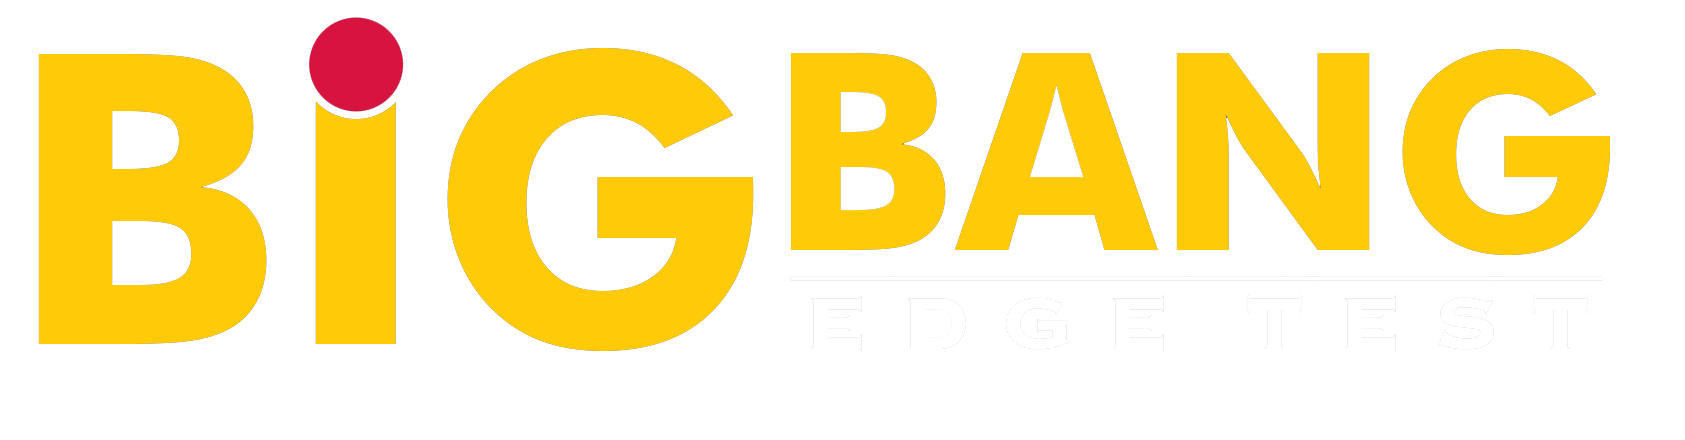 FIITJEE to hold 'Big Bang Edge Test' on October 14v